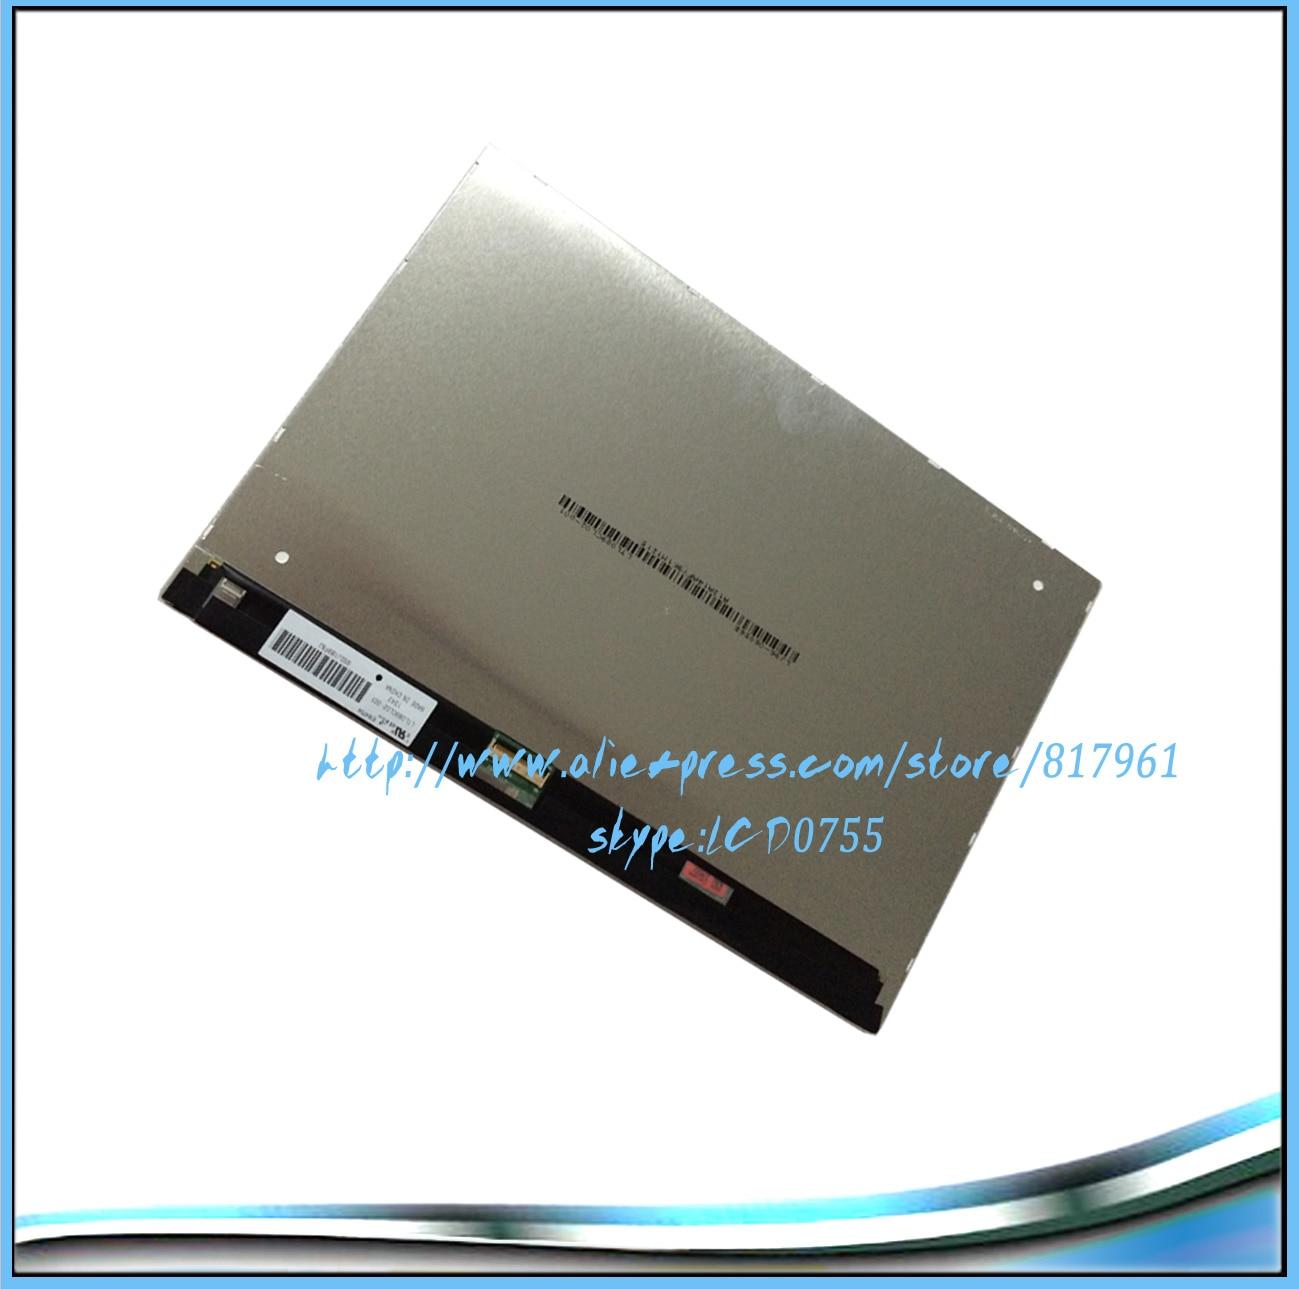 Для Kindle Fire ЖК-дисплей Экран Дисплей без каблука Панель Samsung LTL089CL02 LTL089CL02-001 8.9 HD дюймов Бесплатная доставка